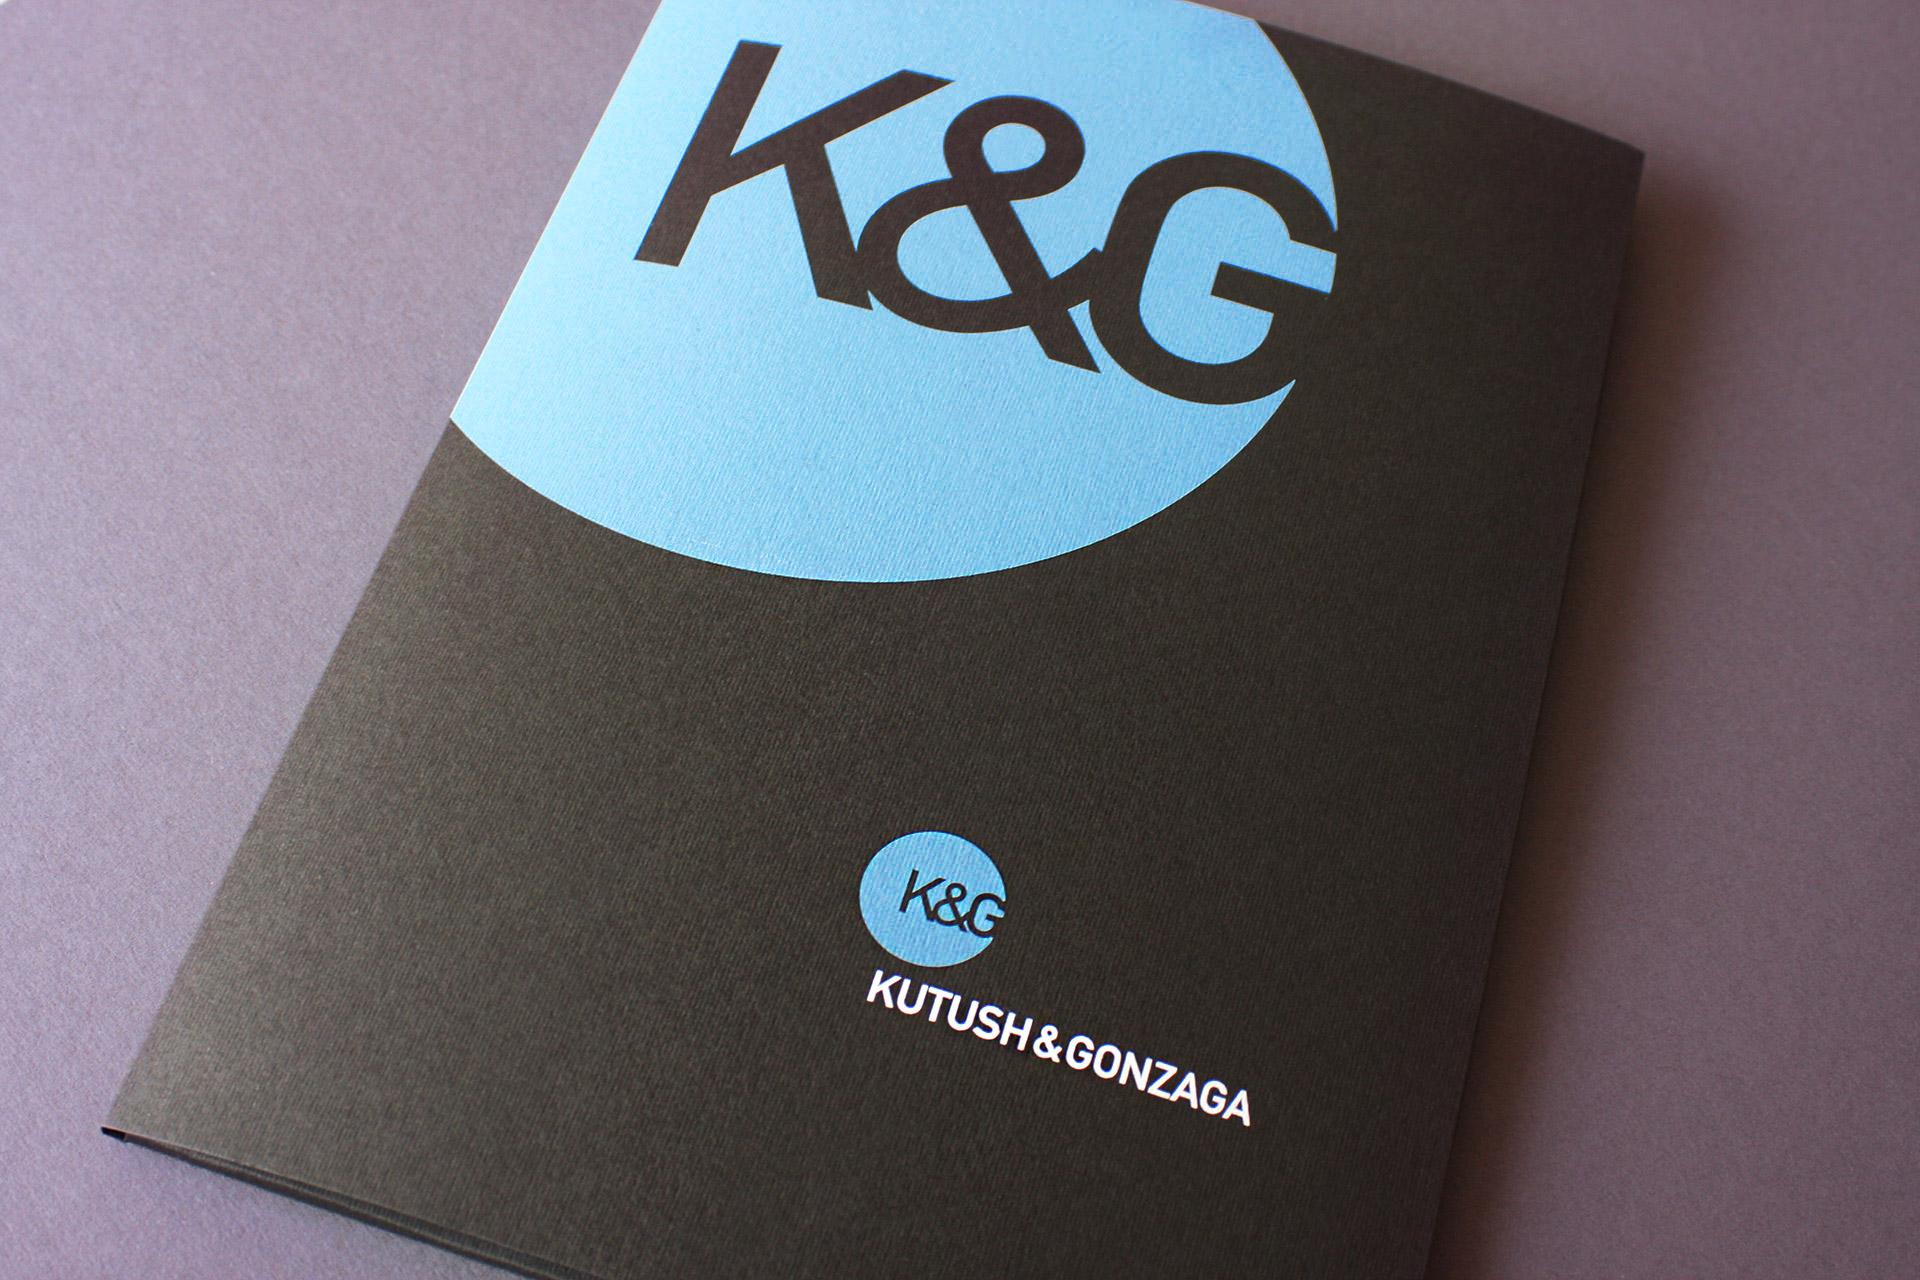 Асгард Брендинг, фирменный стиль, айдентика, лого, K&G, Kutush & Gonzaga, дизайн, графический дизайн, брендинг магазина, ритейл, интернет-магазин, брендинг, корпоративный стиль, брендинг корпоративной папки